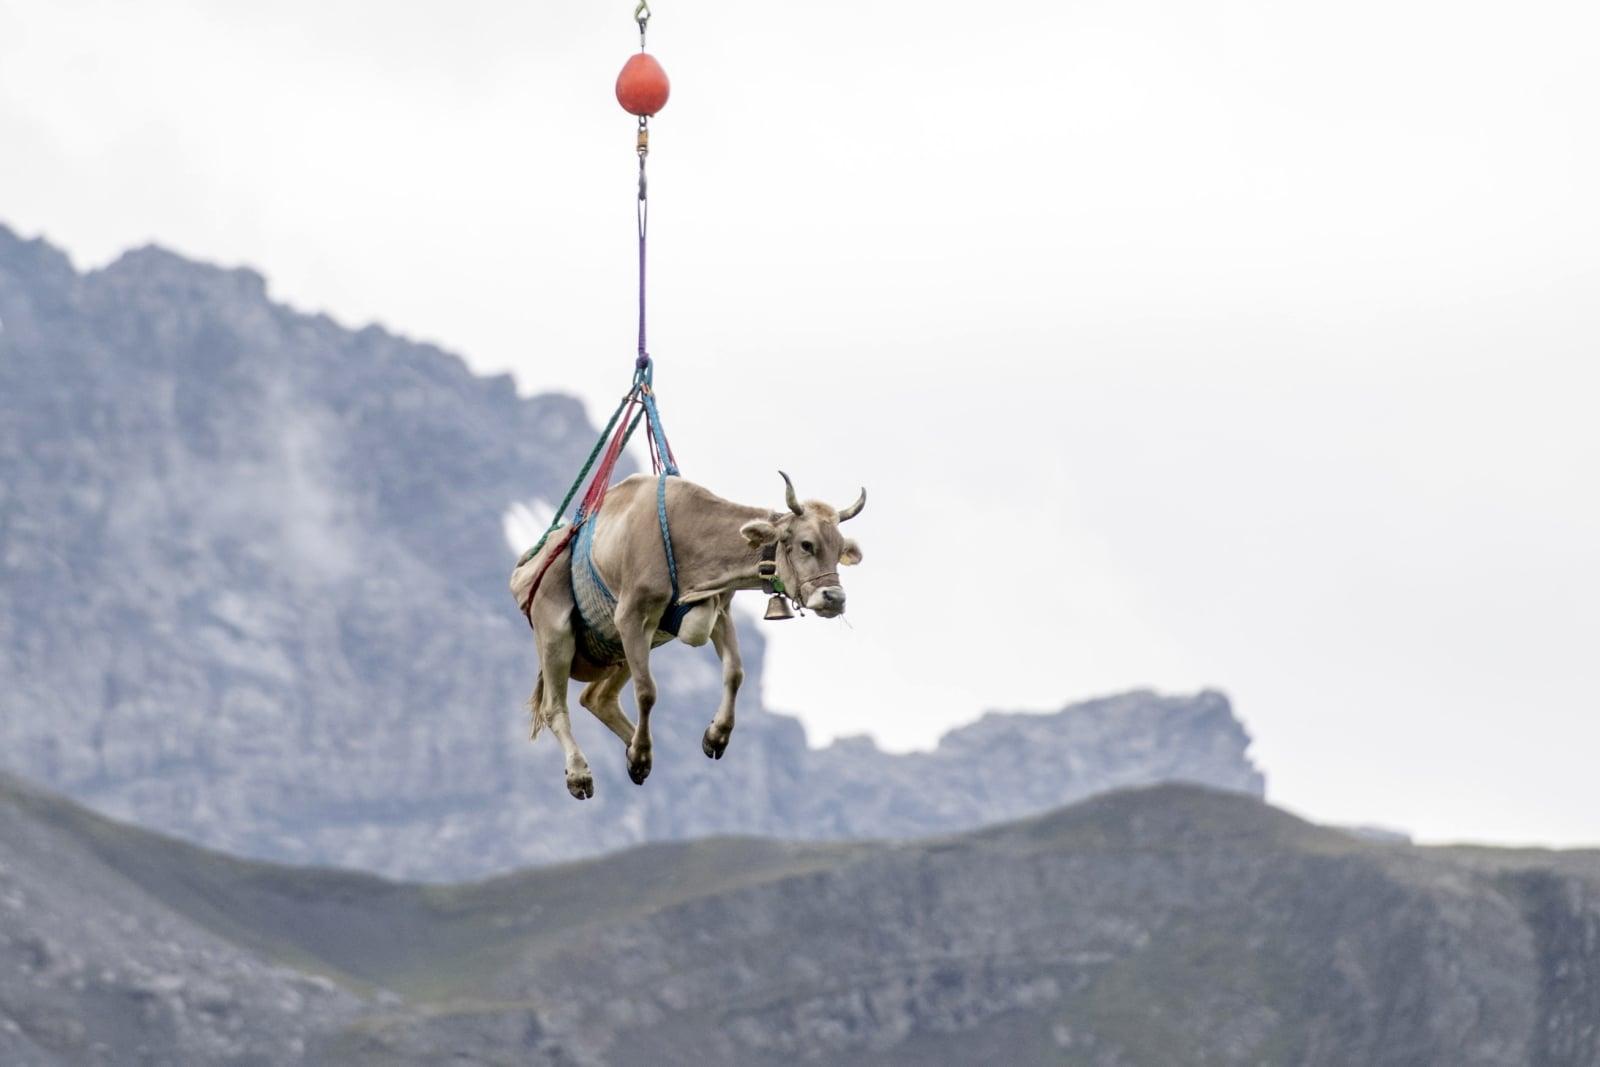 Zraniona krowa w Alpach była dzisiaj transportowana przez ratowników